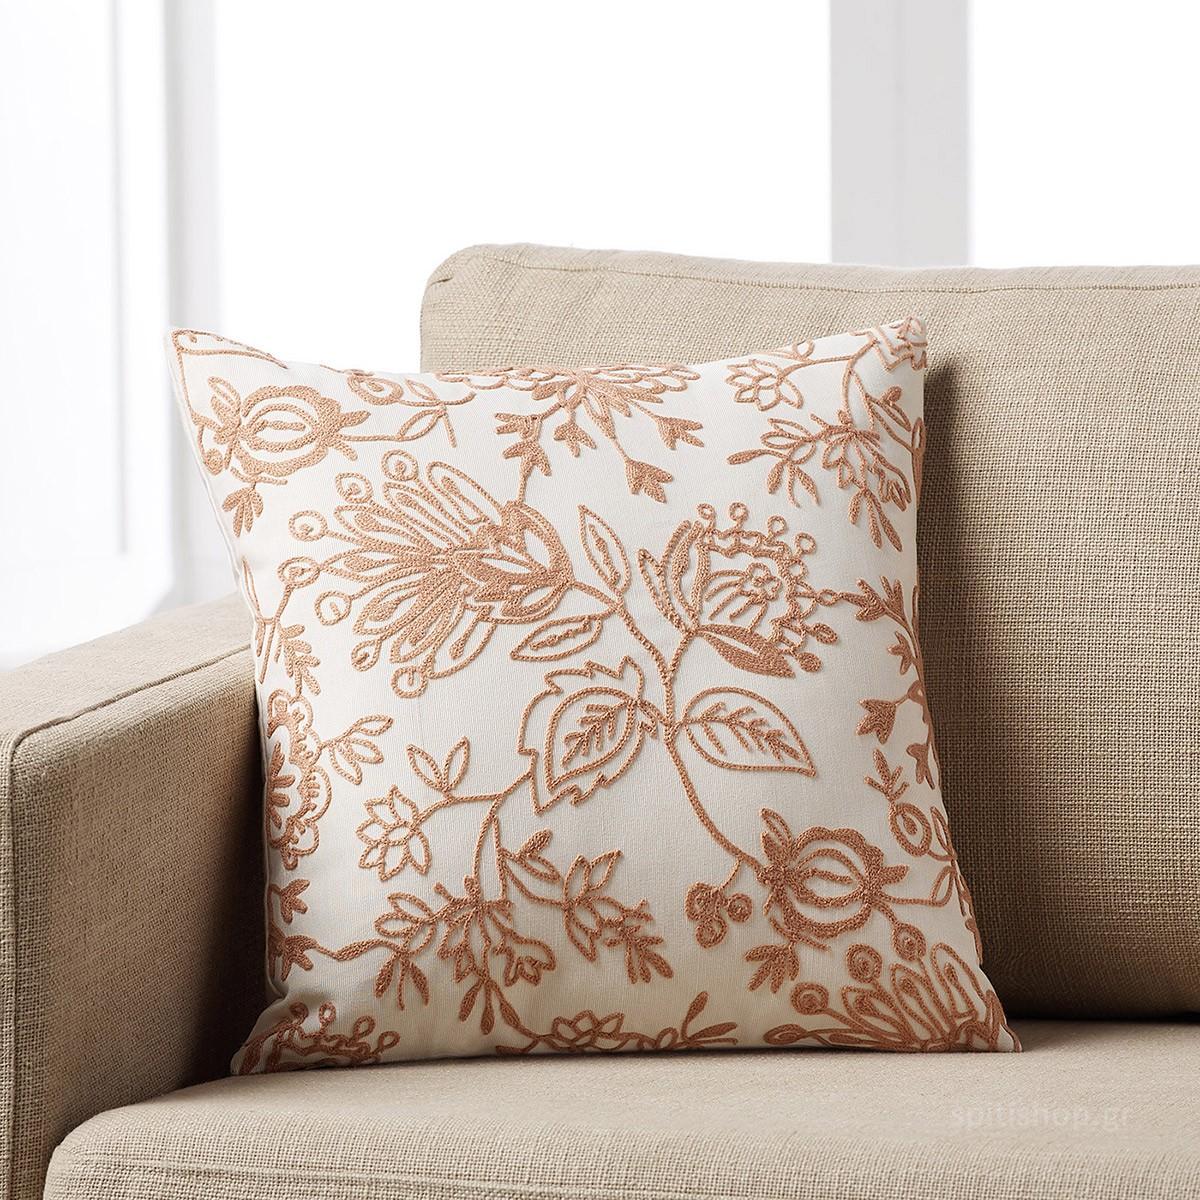 Διακοσμητική Μαξιλαροθήκη Gofis Home Maron Apple 258/25 home   σαλόνι   διακοσμητικά μαξιλάρια